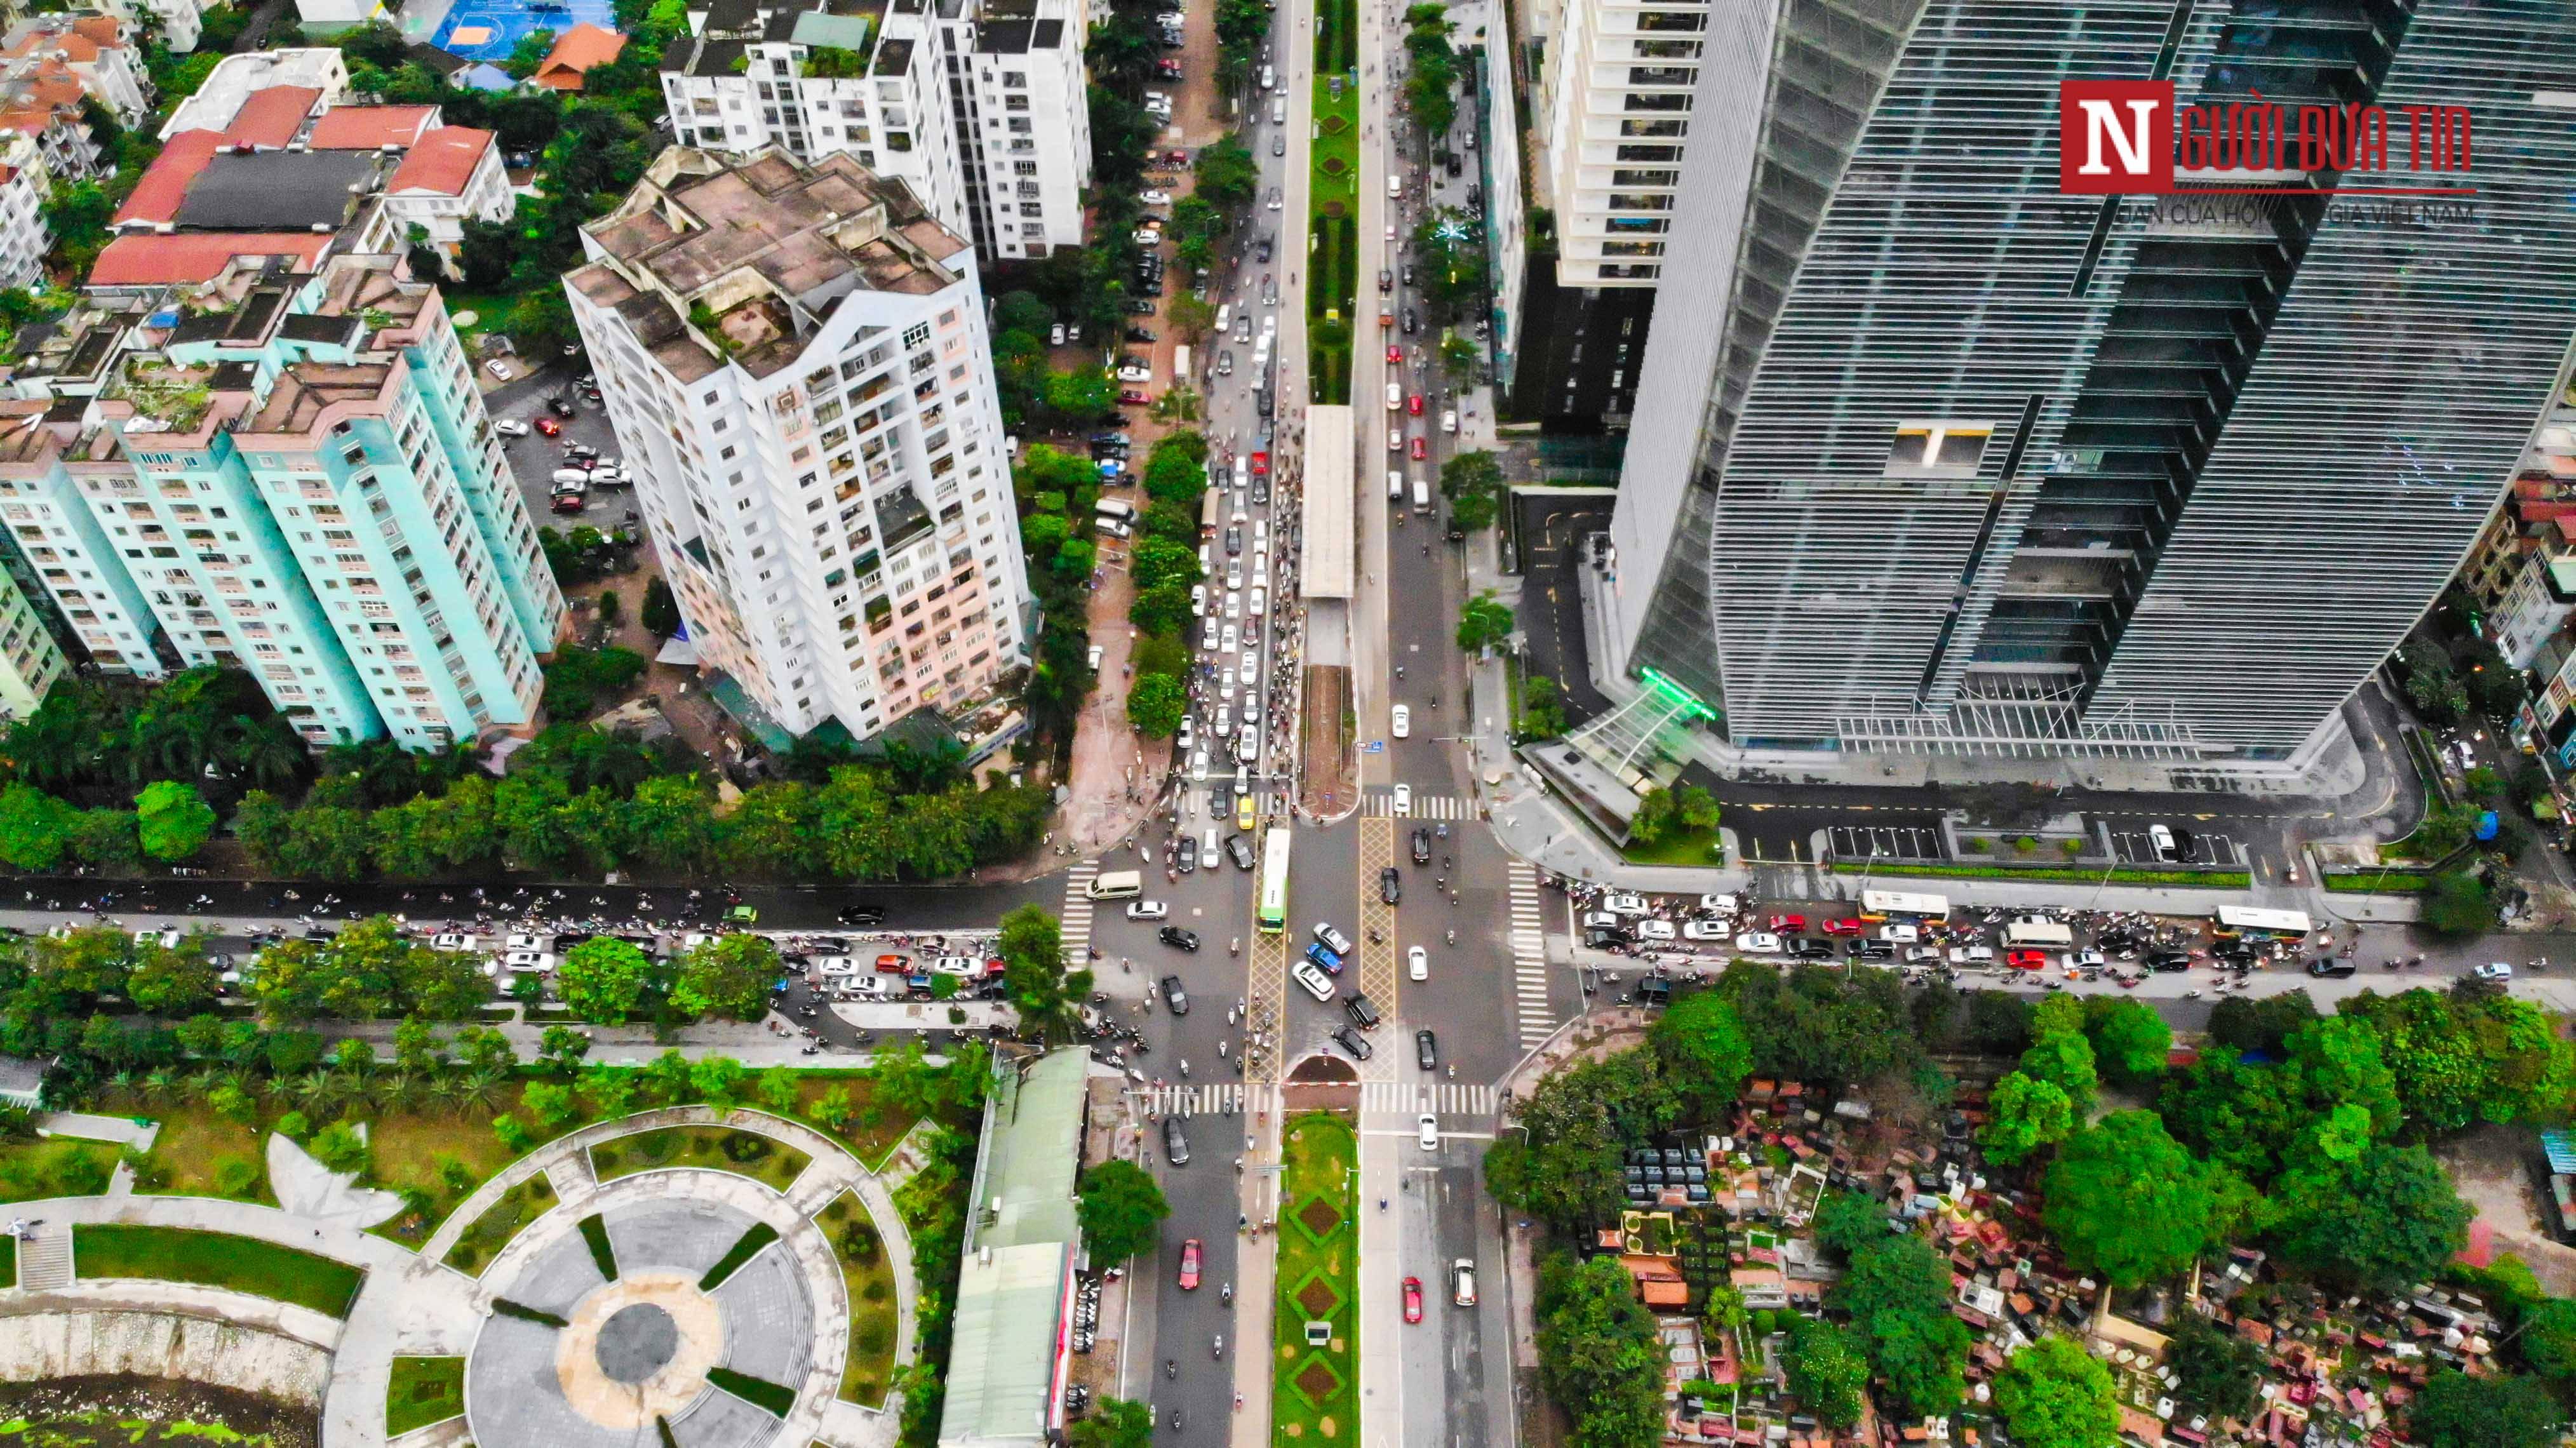 Bất động sản - Cận cảnh tuyến đường dài 2km cõng tới 40 toà nhà cao ốc tại Thủ đô (Hình 7).